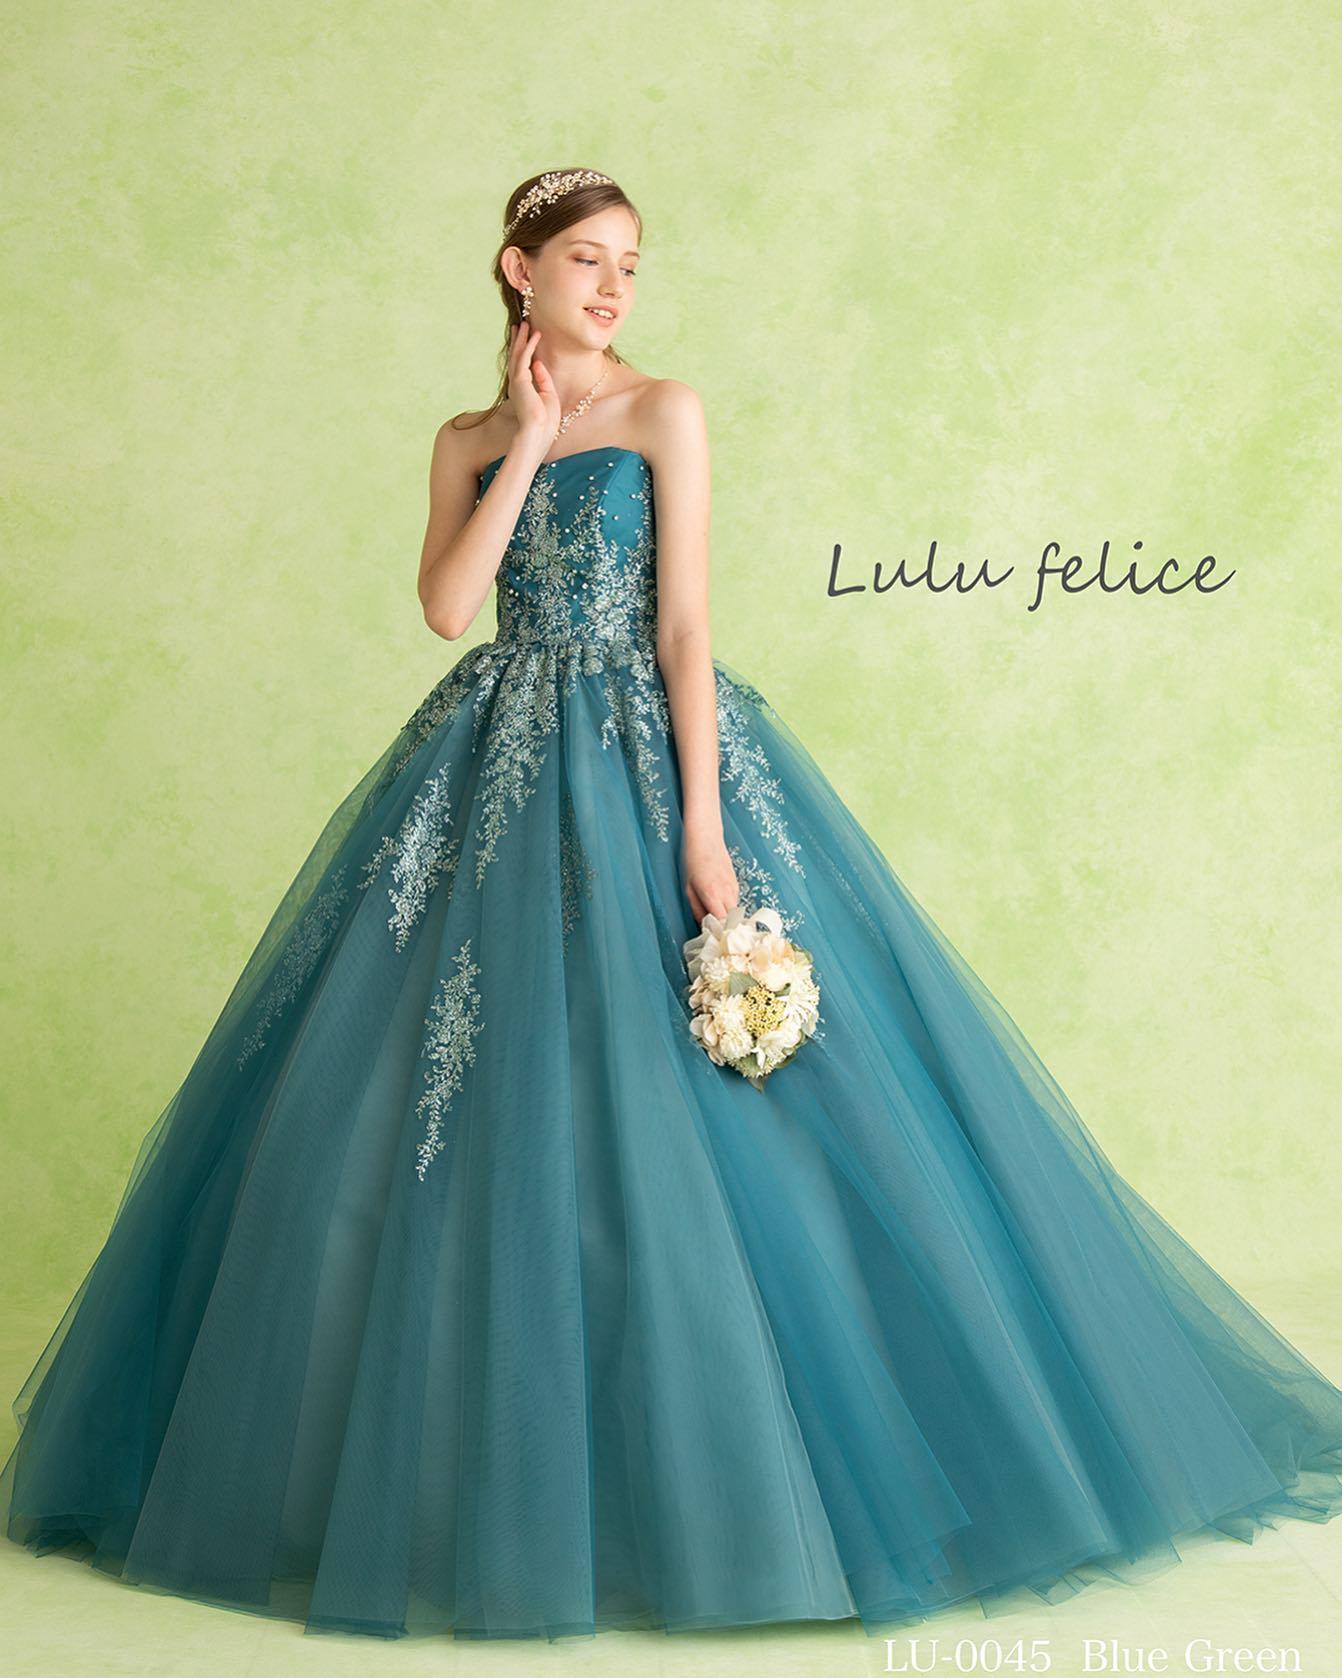 本日はLuLu felice(ルル フェリーチェ)のカラードレスをご紹介・グレイッシュカラーのブルーグリーンのチュールに施されたグリッターの花々が華やかな雰囲気を演出シンプルなシルエットと落ち着いたカラーが上品なドレスです・大人花嫁にもオススメの一着ご予約お待ちしてます・【LuLu felice】CD0364LU-0045レンタル価格:¥220,000・#wedding #weddingdress #bridalhiro  #lulufelice#ウェディングドレス #プレ花嫁 #ドレス試着 #2021夏婚 #2021冬婚 #ヘアメイク #結婚式  #ドレス選び #前撮り #後撮り #フォトウェディング #ウェディングヘア  #フォト婚 #前撮り写真 #ブライダルフォト #カップルフォト #ウェディングドレス探し #ウェディングドレス試着 #レンタルドレス #ドレスショップ #家族婚 #ブライダルヒロ #ゼクシィ #プリンセスライン #ドレス迷子 #ルルフェリーチェ